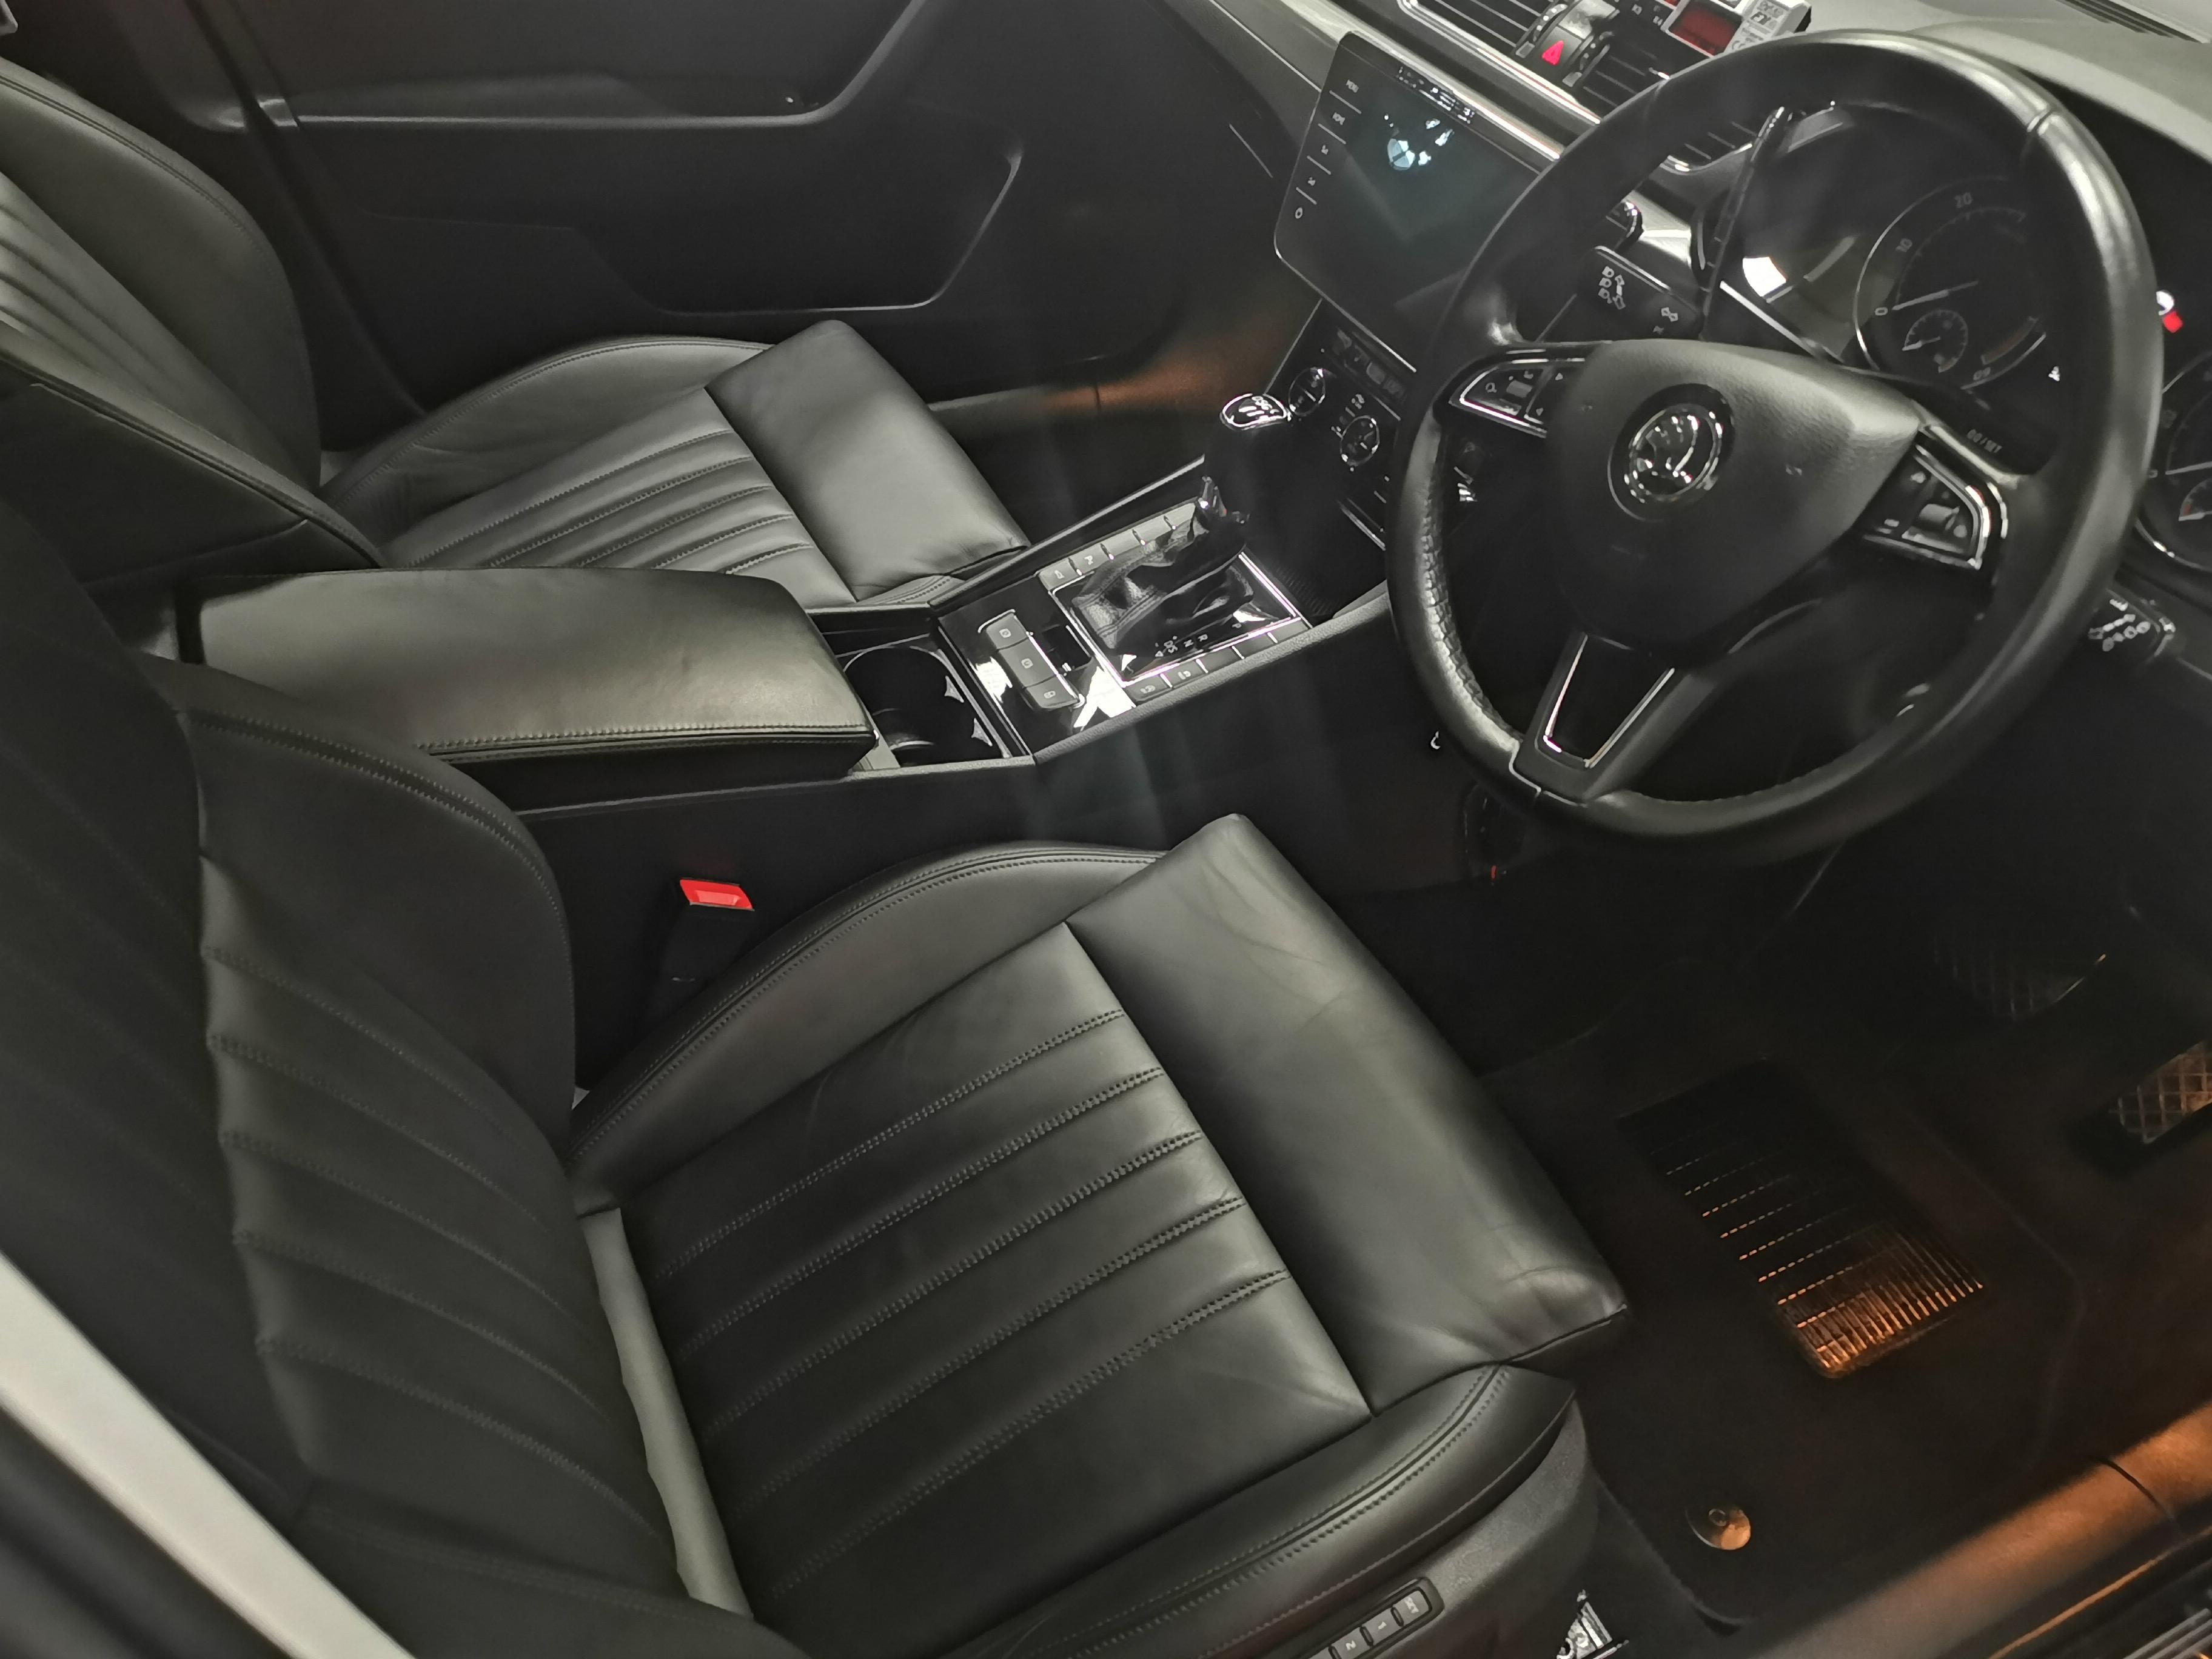 2019 Skoda Superb Executive Est 2.0 Auto full